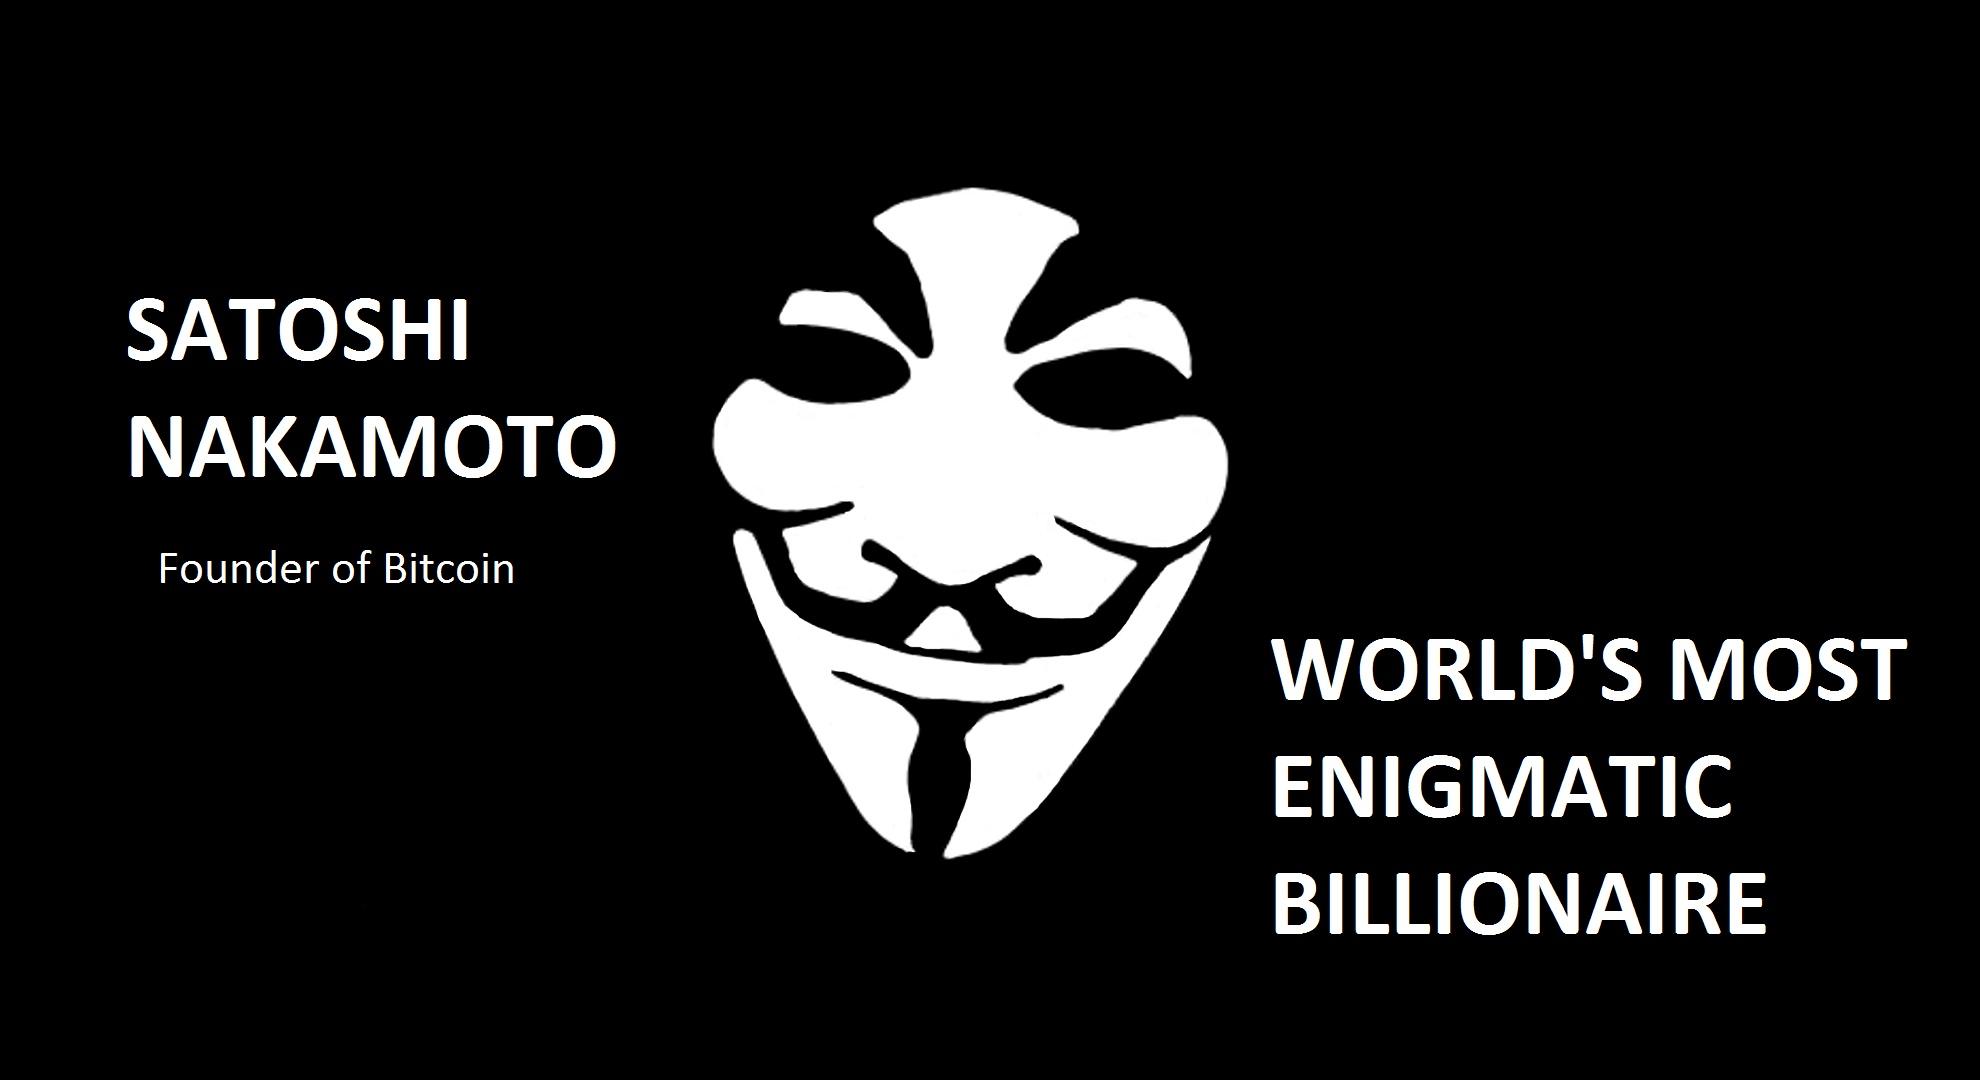 من ساتوشی هستم! رازآلودترین میلیاردر دنیا